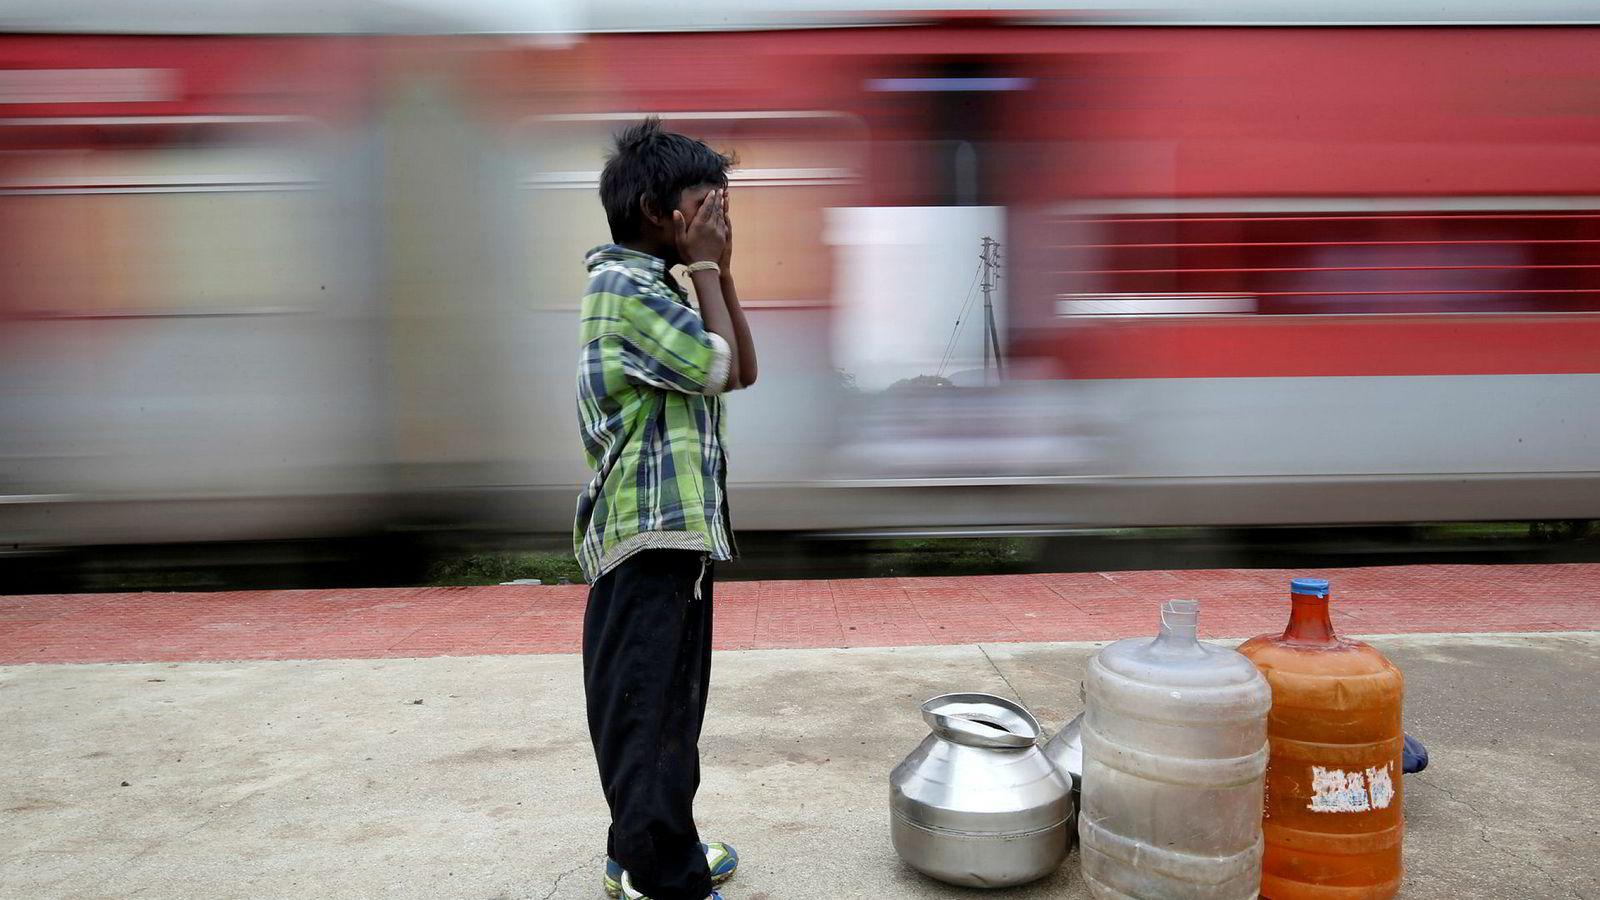 10 år gamle Siddharth Dhage må reise 14 kilometer med tog fra landsbyen sin i den indiske delstaten Maharashtra for å hente friskt vann.